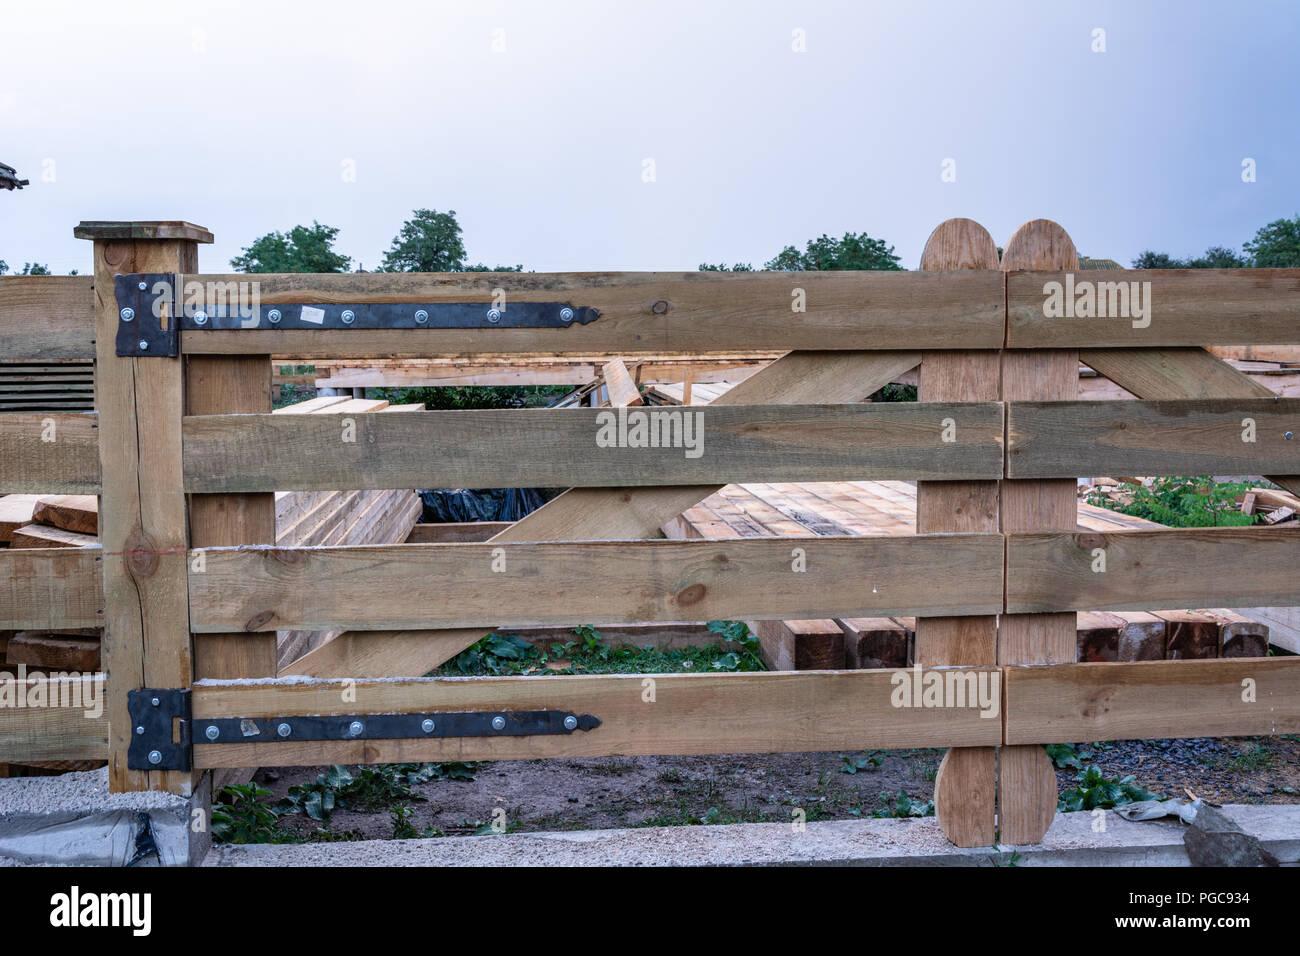 Cerniere Per Cancelli Di Legno : Cerniere forgiato su un cancello di legno contro uno sfondo di